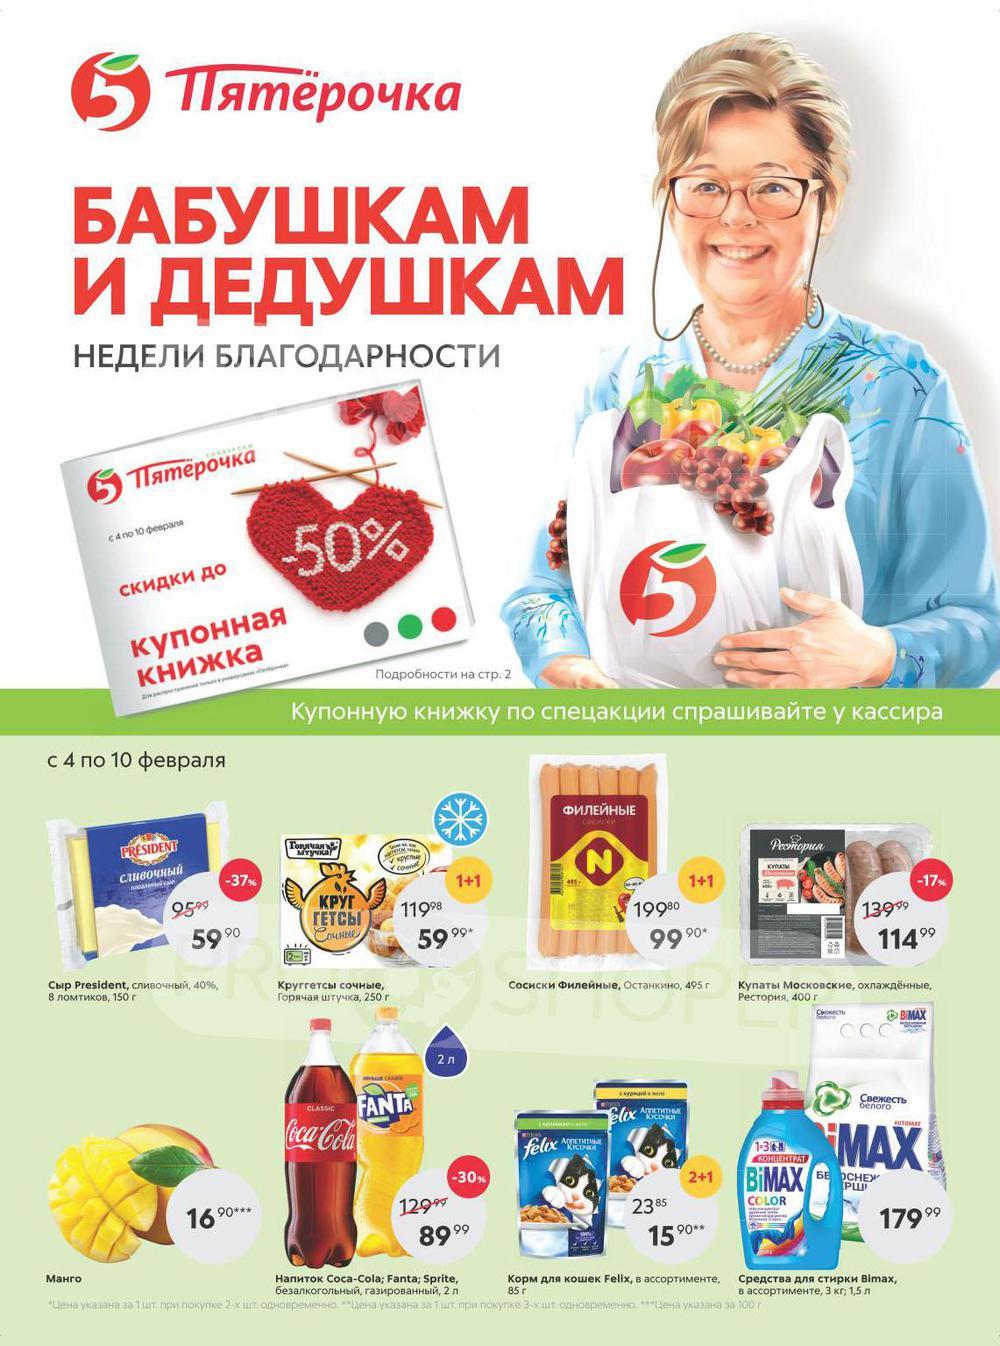 хоум маркет орел каталог товаров с 26 декабря 2020 сбербанк кредит для пенсионеров 2020 процентная ставка